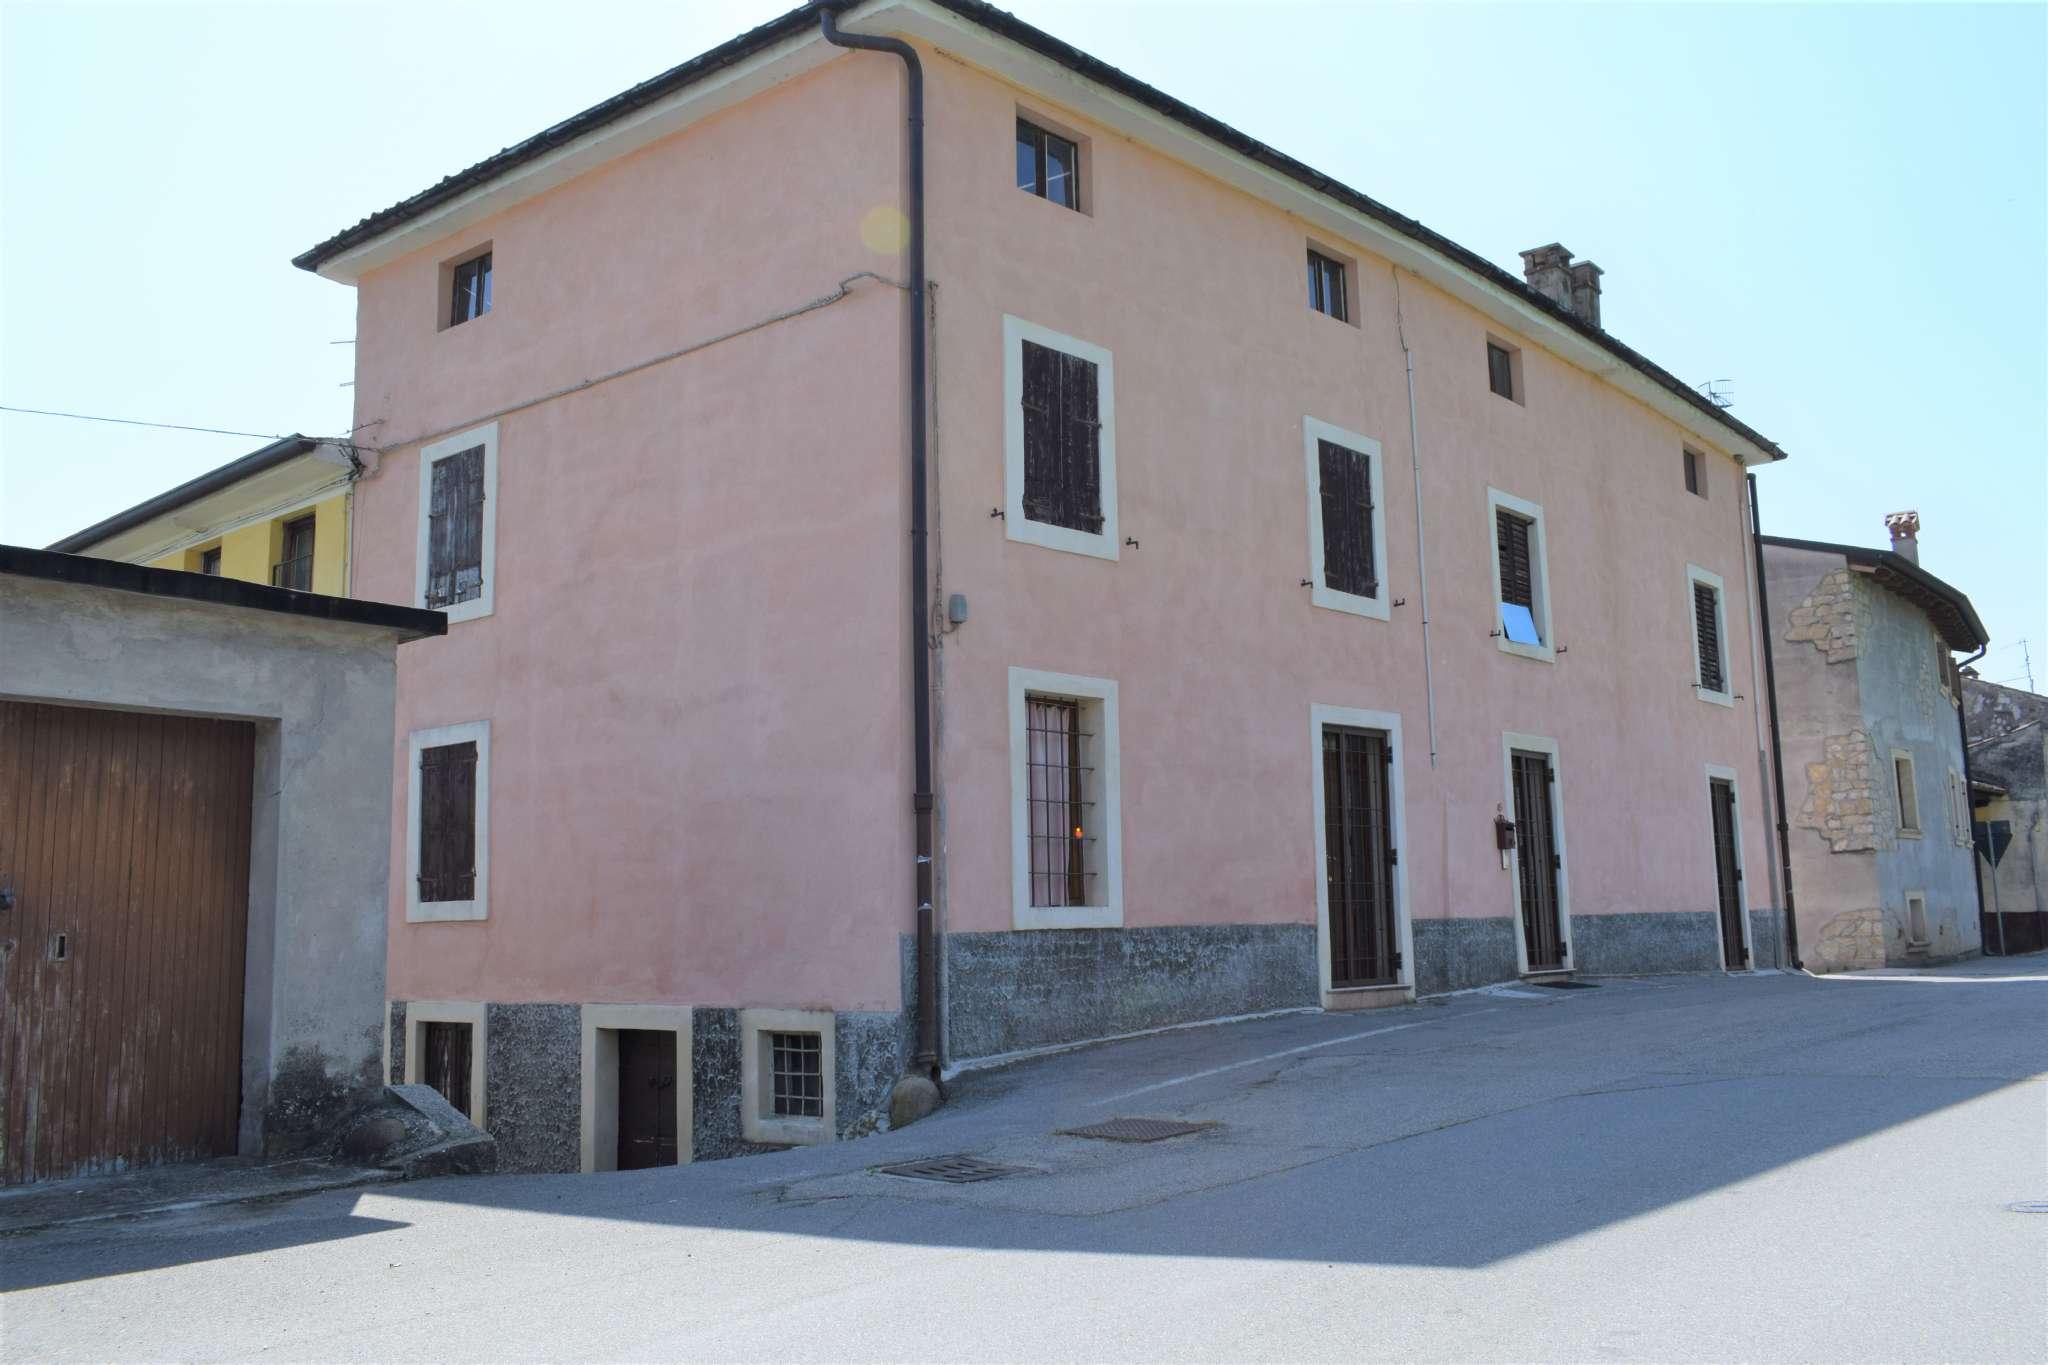 Rustico / Casale in vendita a San Pietro in Cariano, 8 locali, prezzo € 220.000 | CambioCasa.it